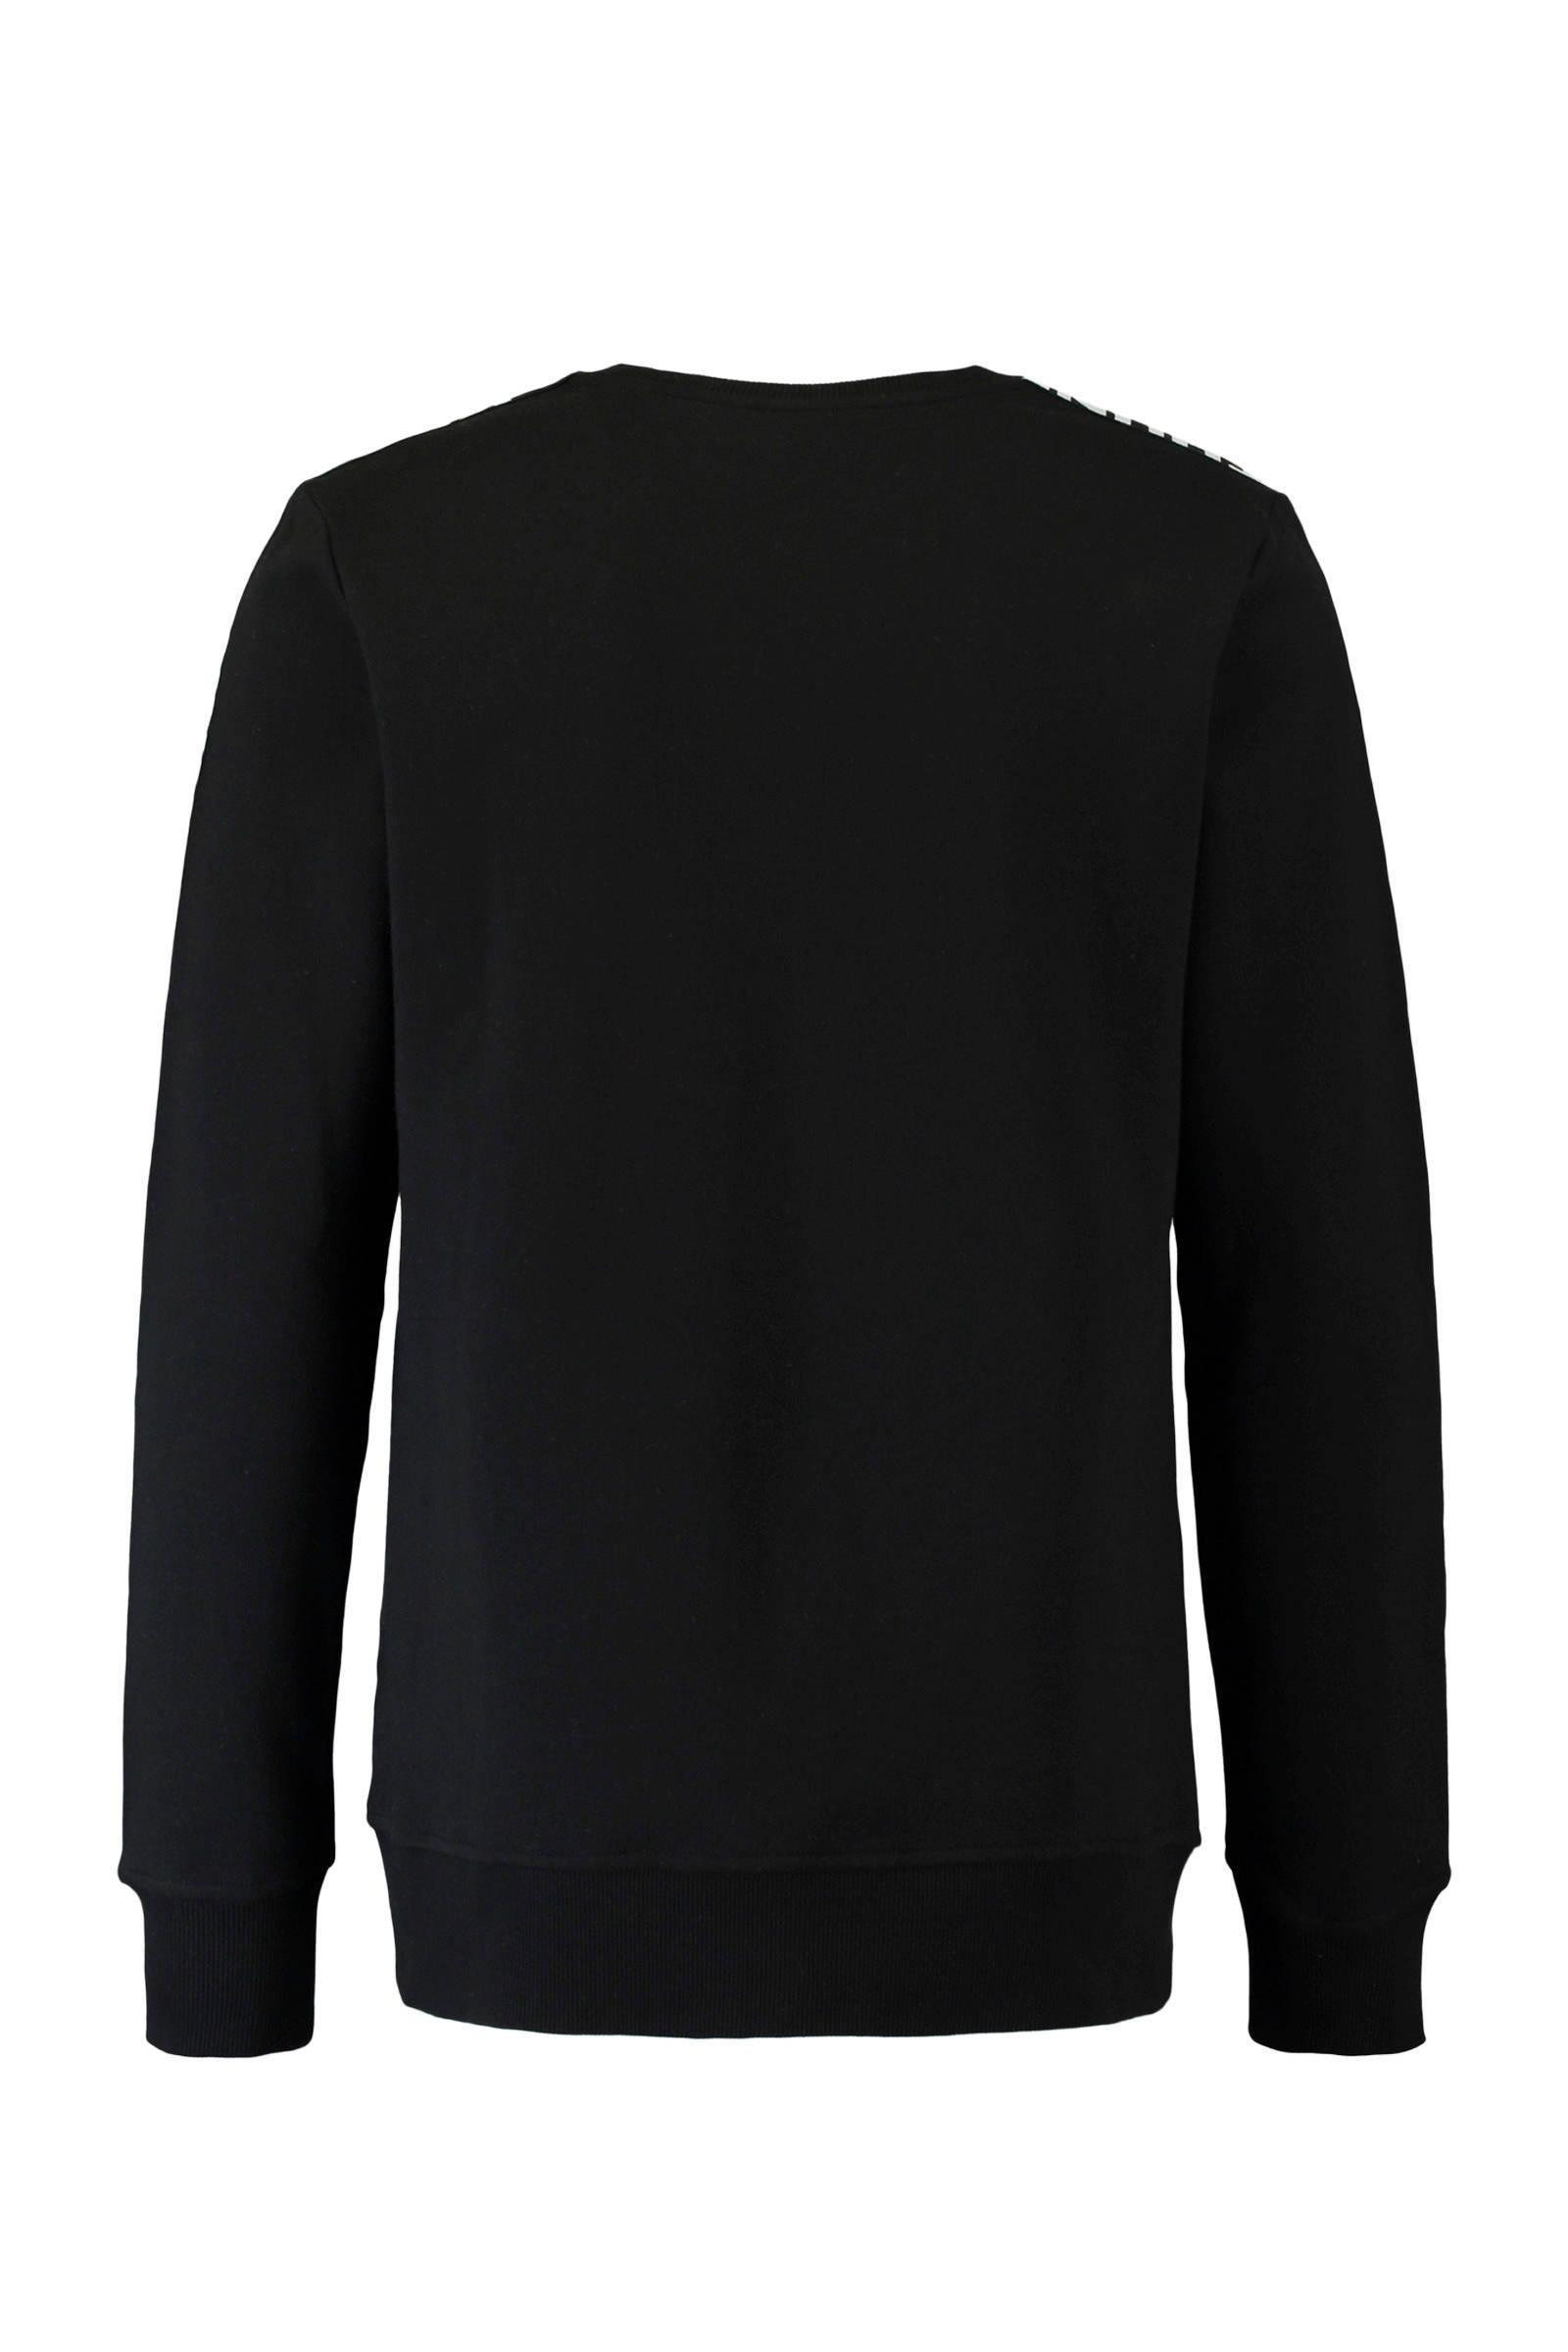 met met sweater CoolCat CoolCat tekst sweater tekst met tekst CoolCat sweater CoolCat sweater wPSqZBHPT